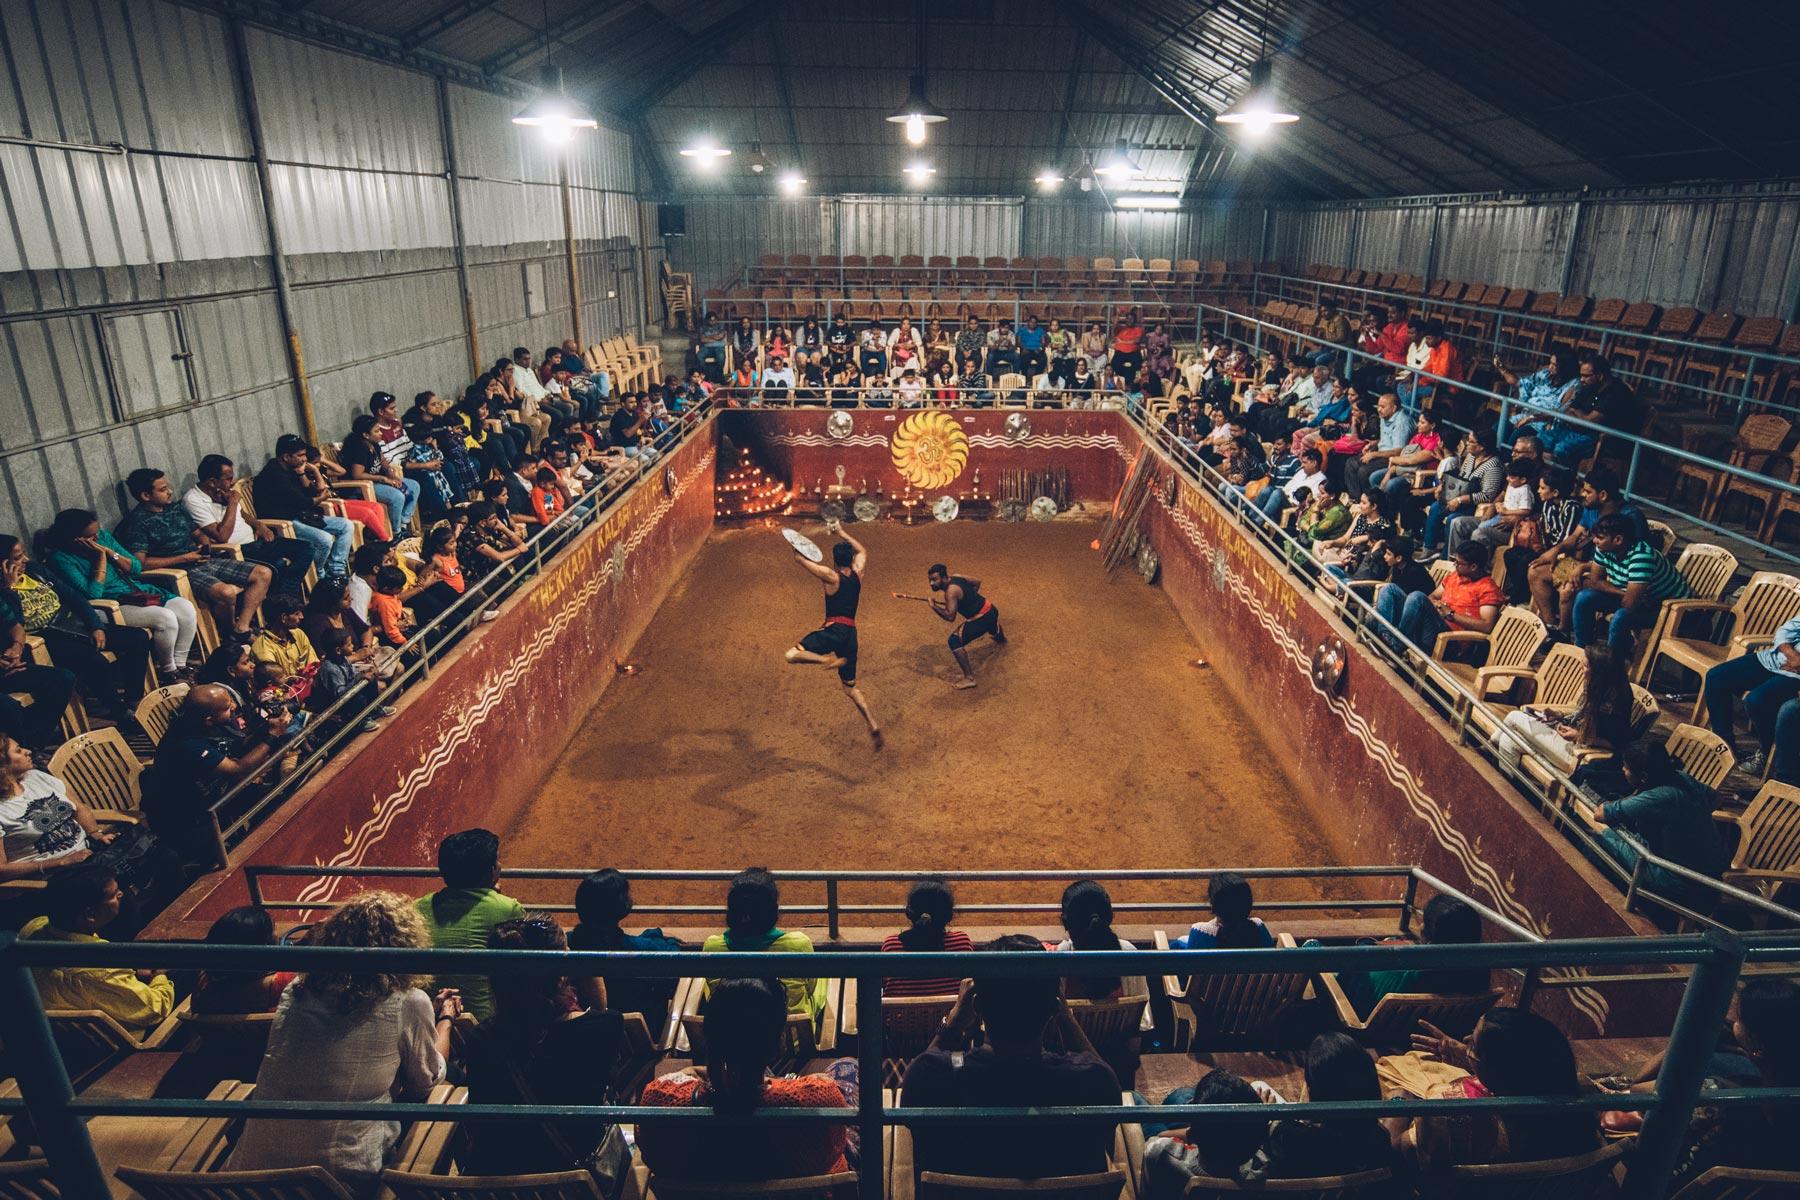 spectacle de Kalaripayattu, Inde